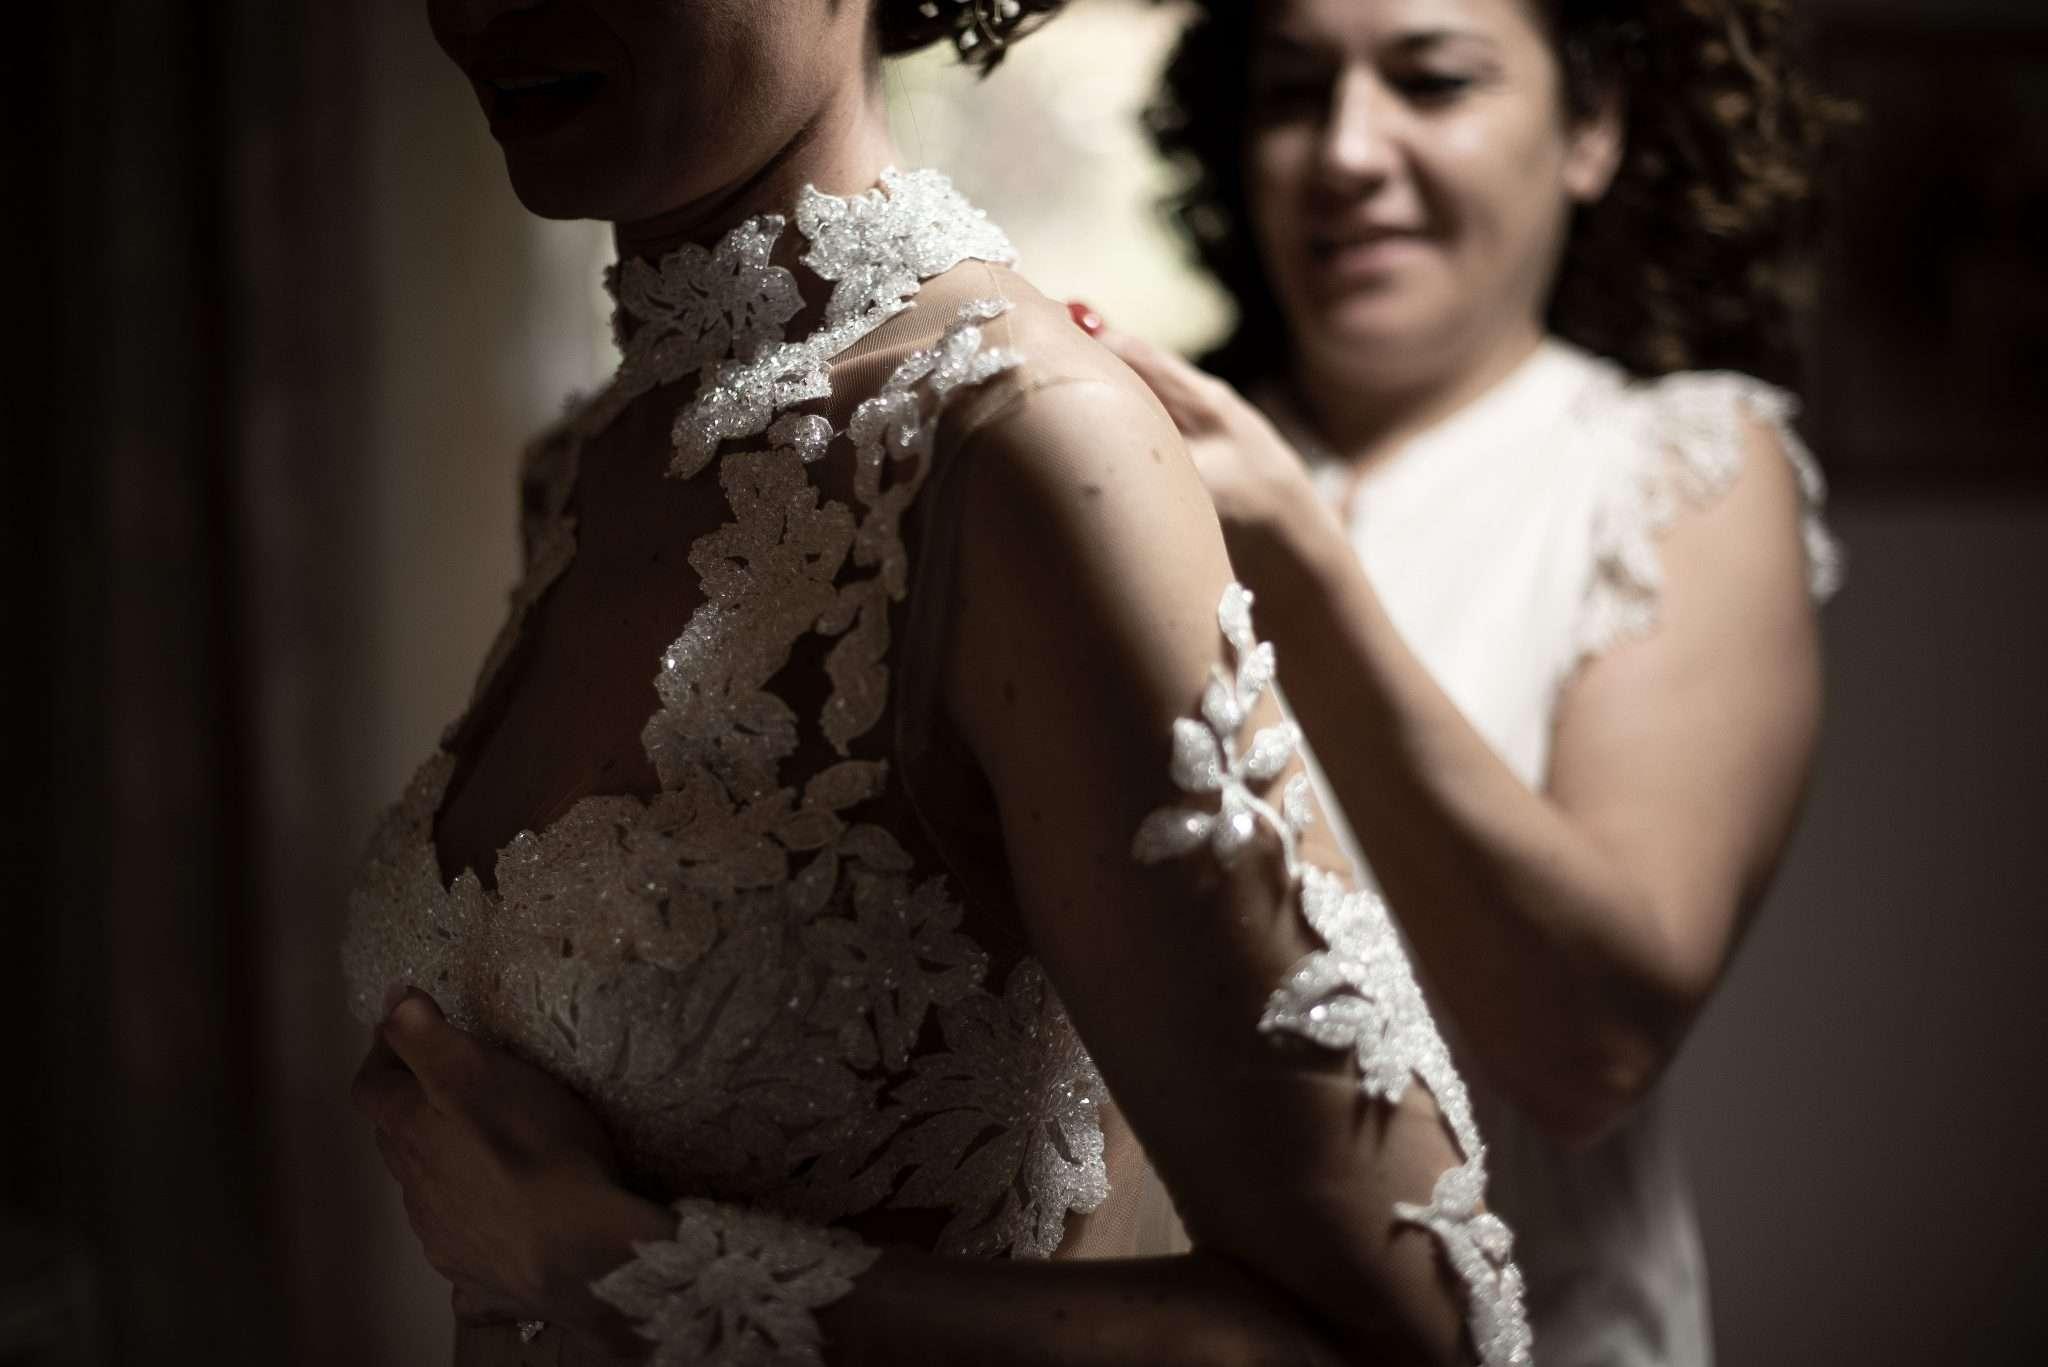 Fotografia sposa wedding reportage realizzata da Barbara Trincone fotografa con studio a Pozzuoli - Napoli